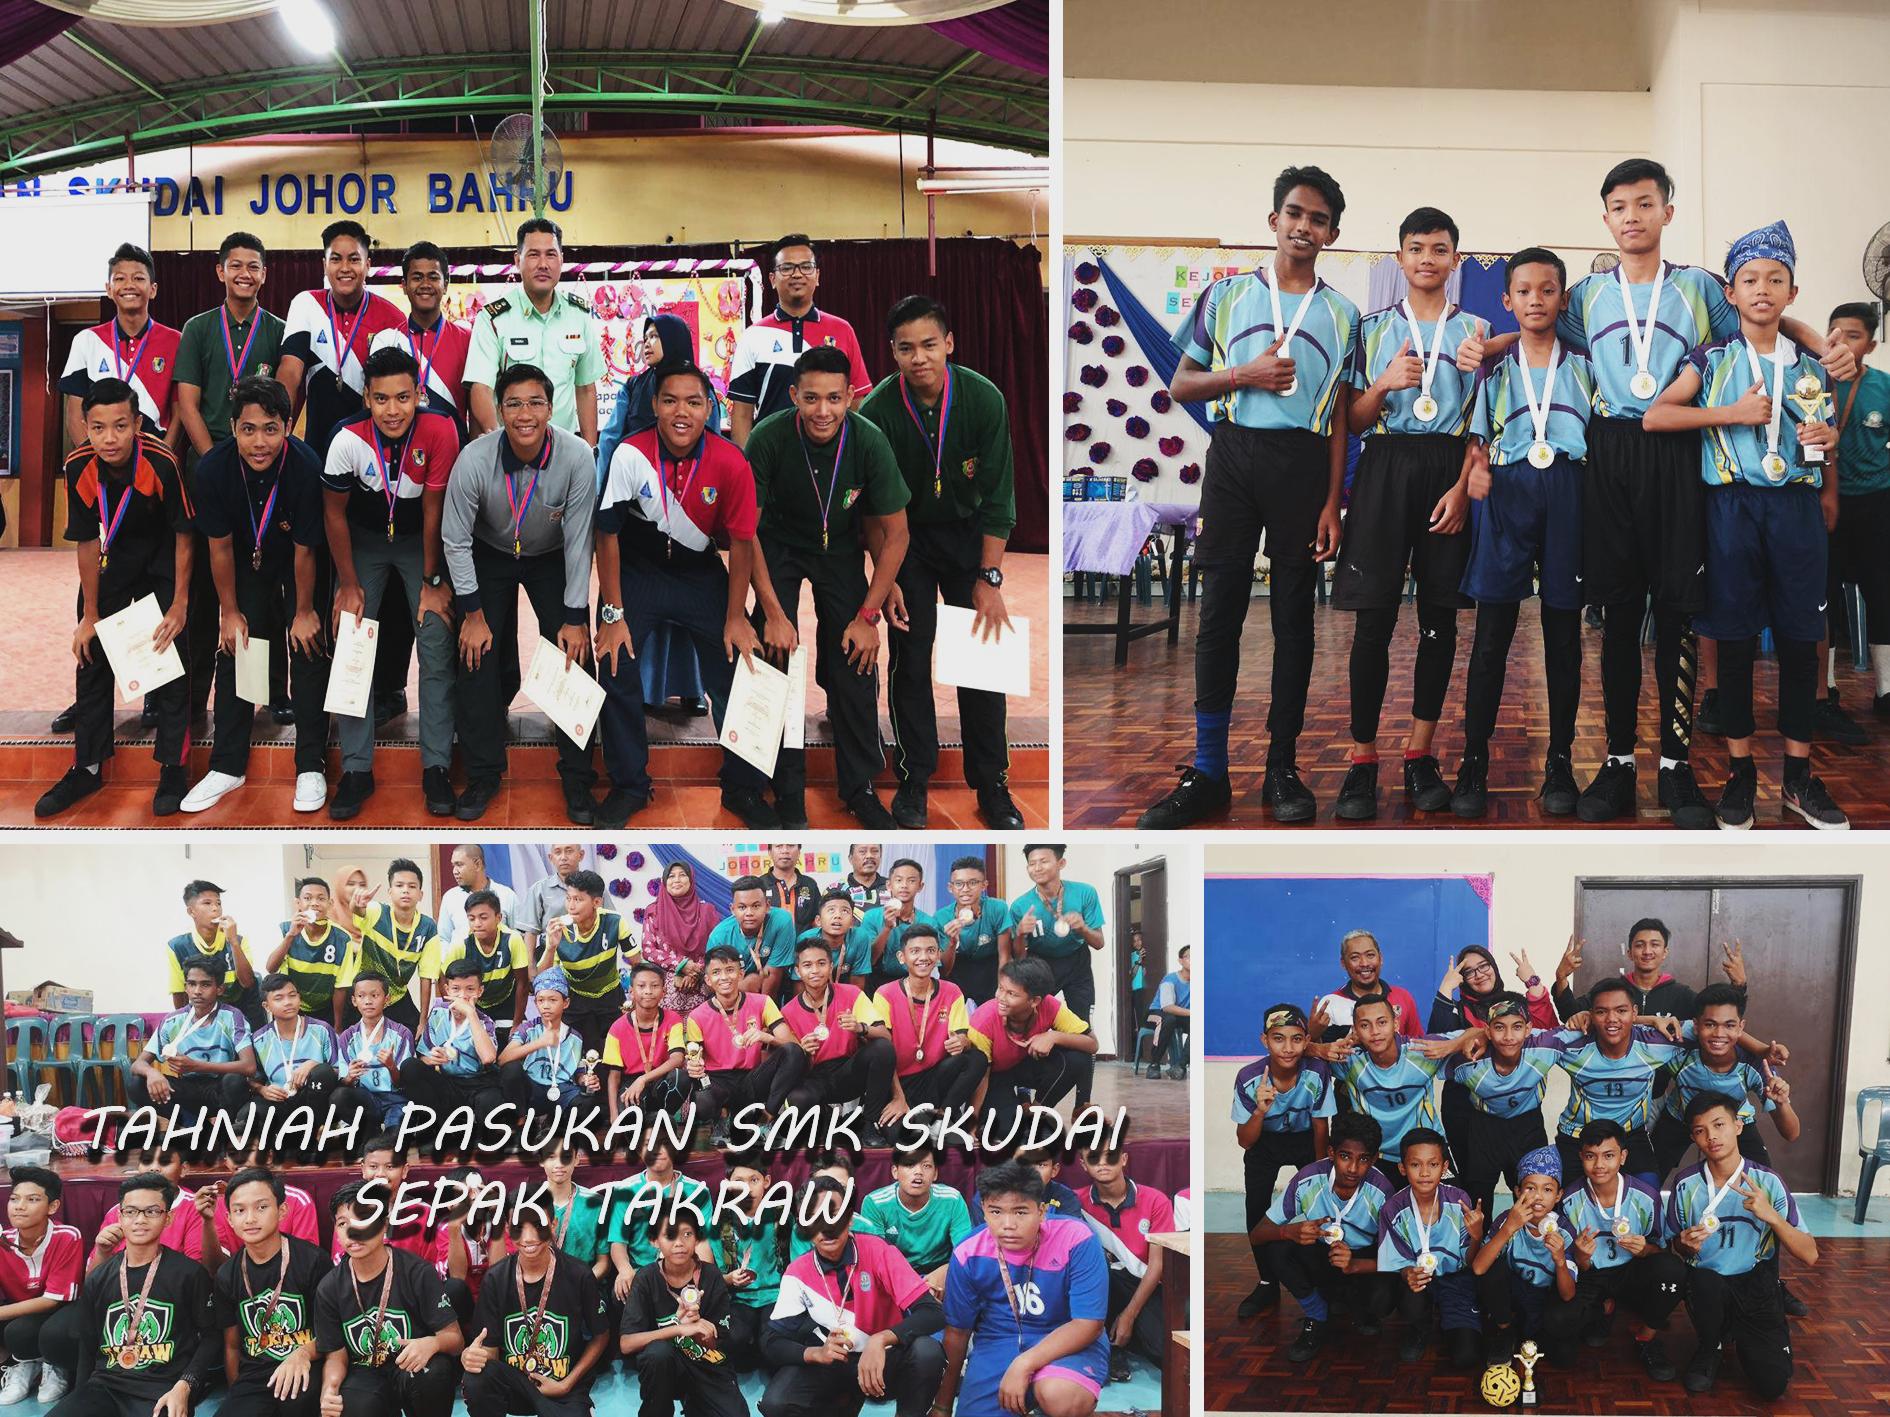 Tahniah SMK SKUDAI !!!